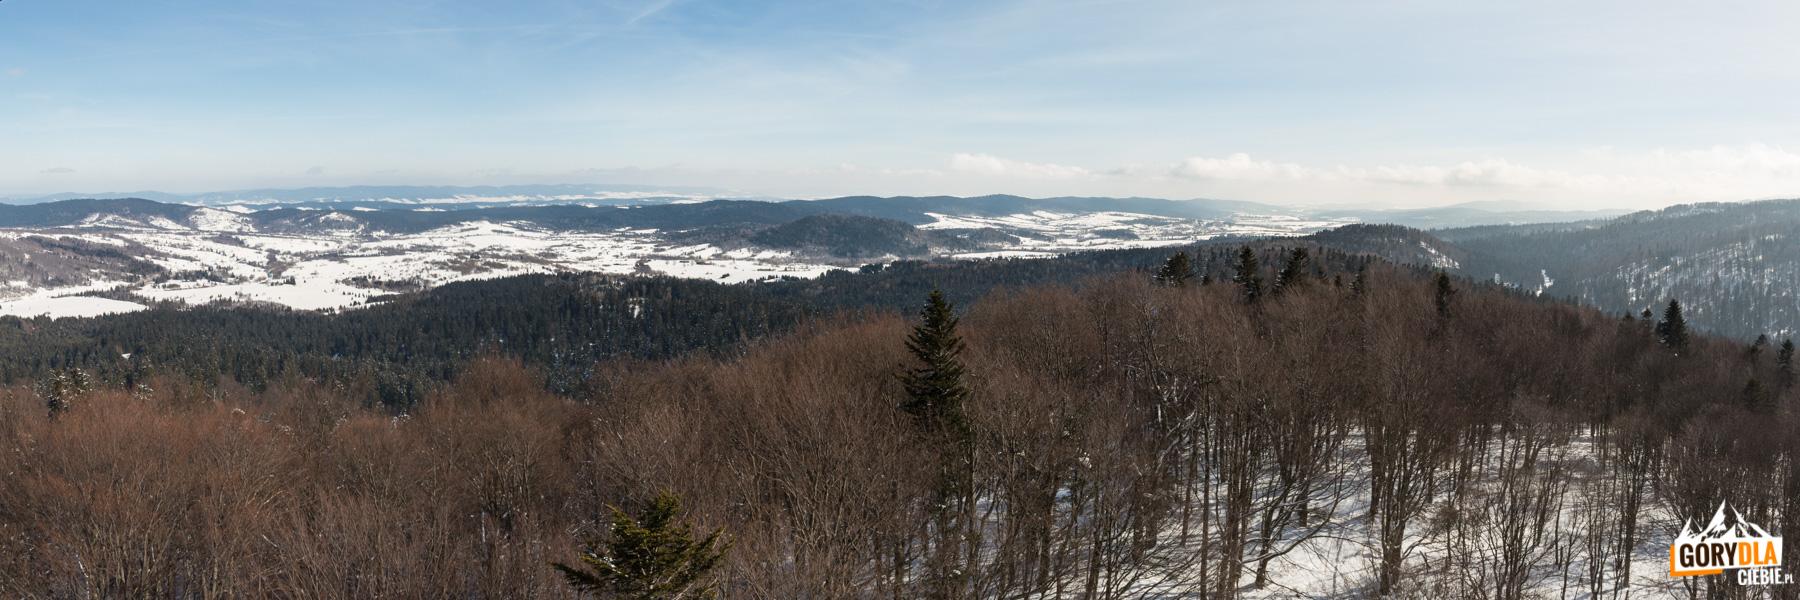 Widok z wieży na Jeleniowatym na dolinę górnego Sanu